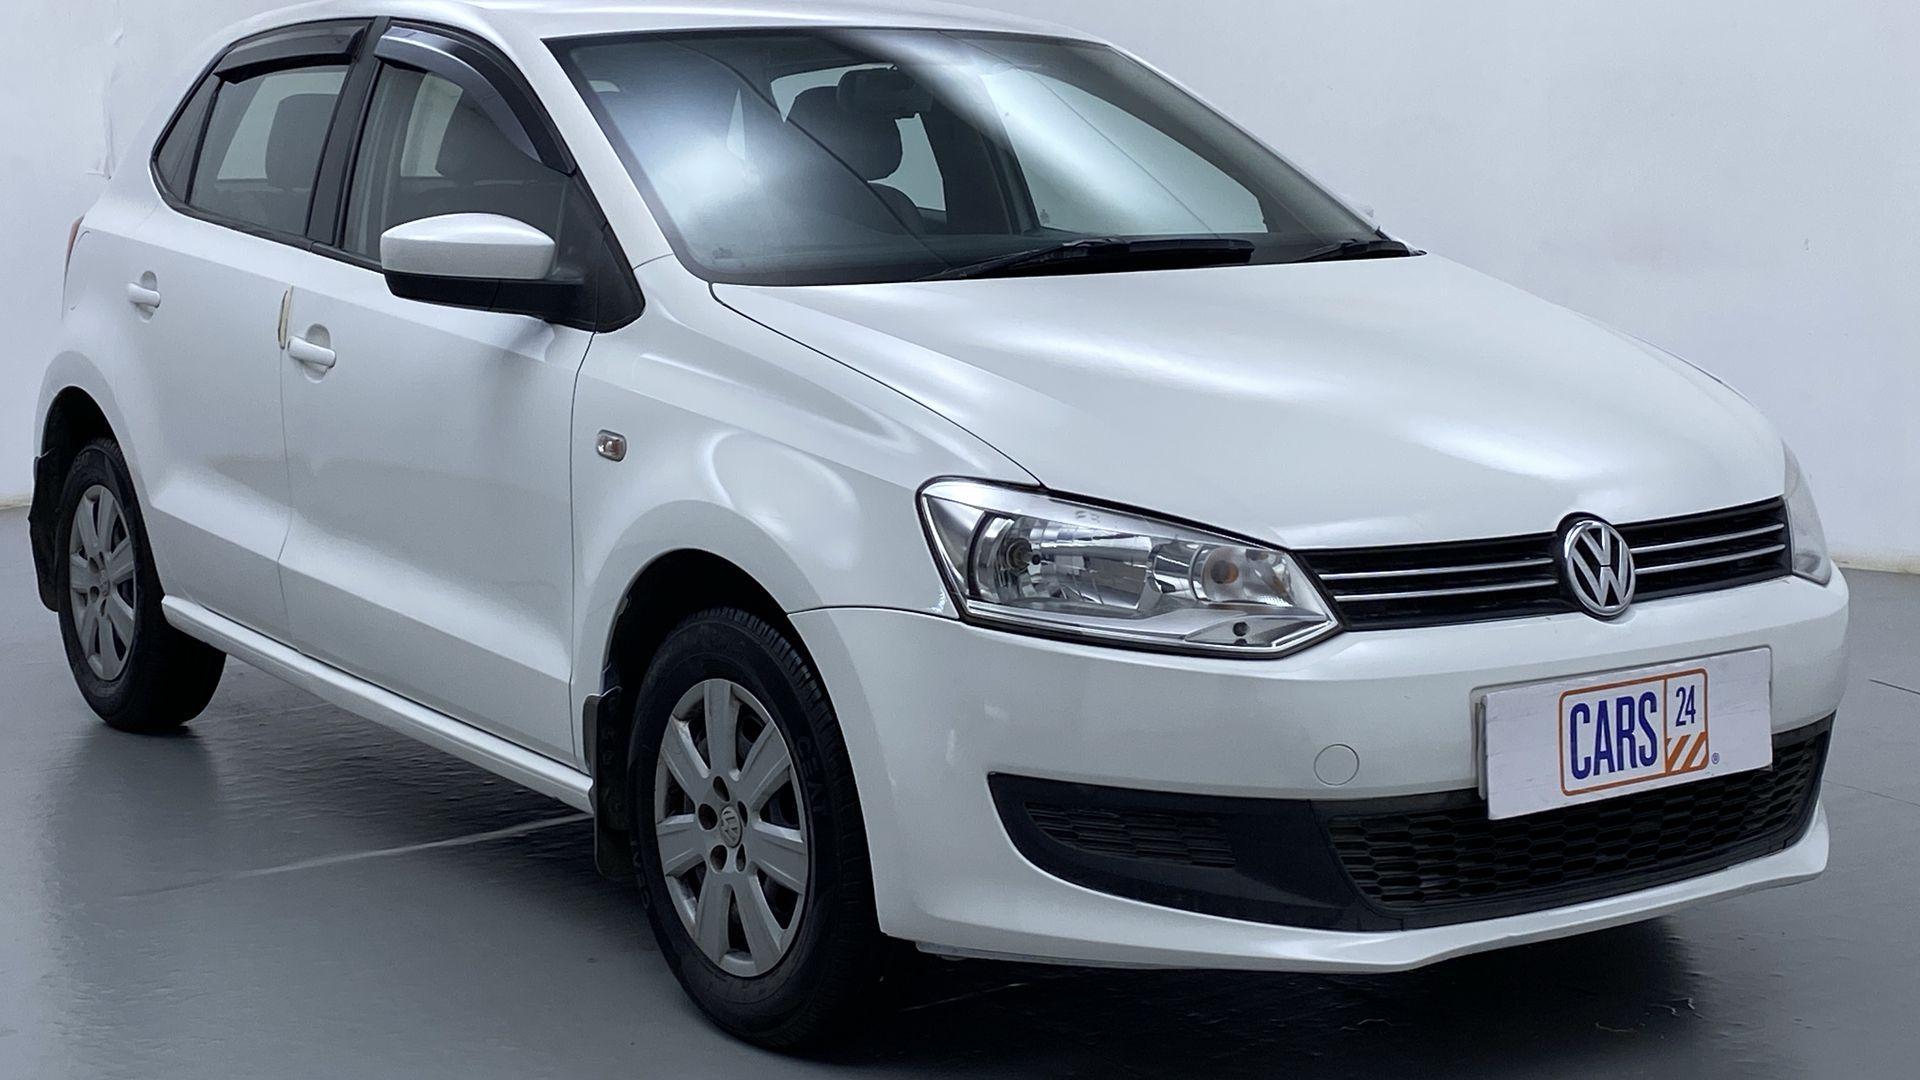 2011 Volkswagen Polo COMFORTLINE 1.2L PETROL